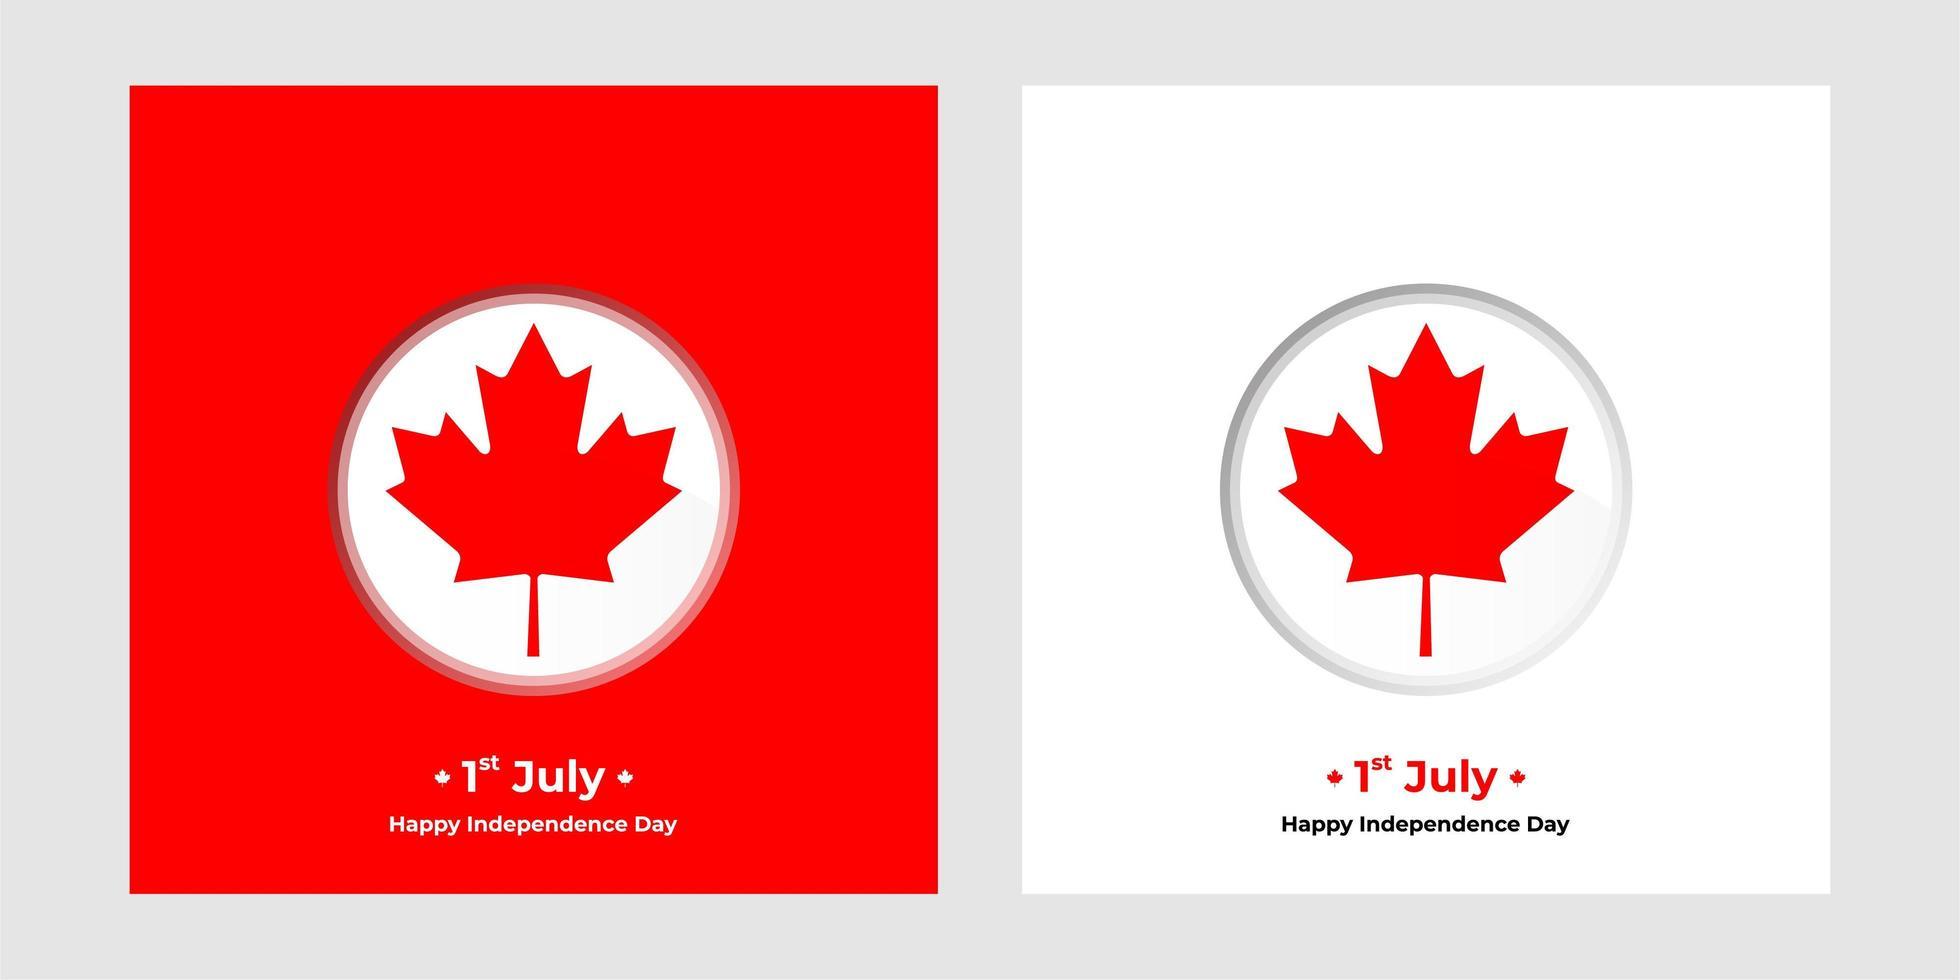 1 luglio giorno dell'indipendenza del canada square banner vettore